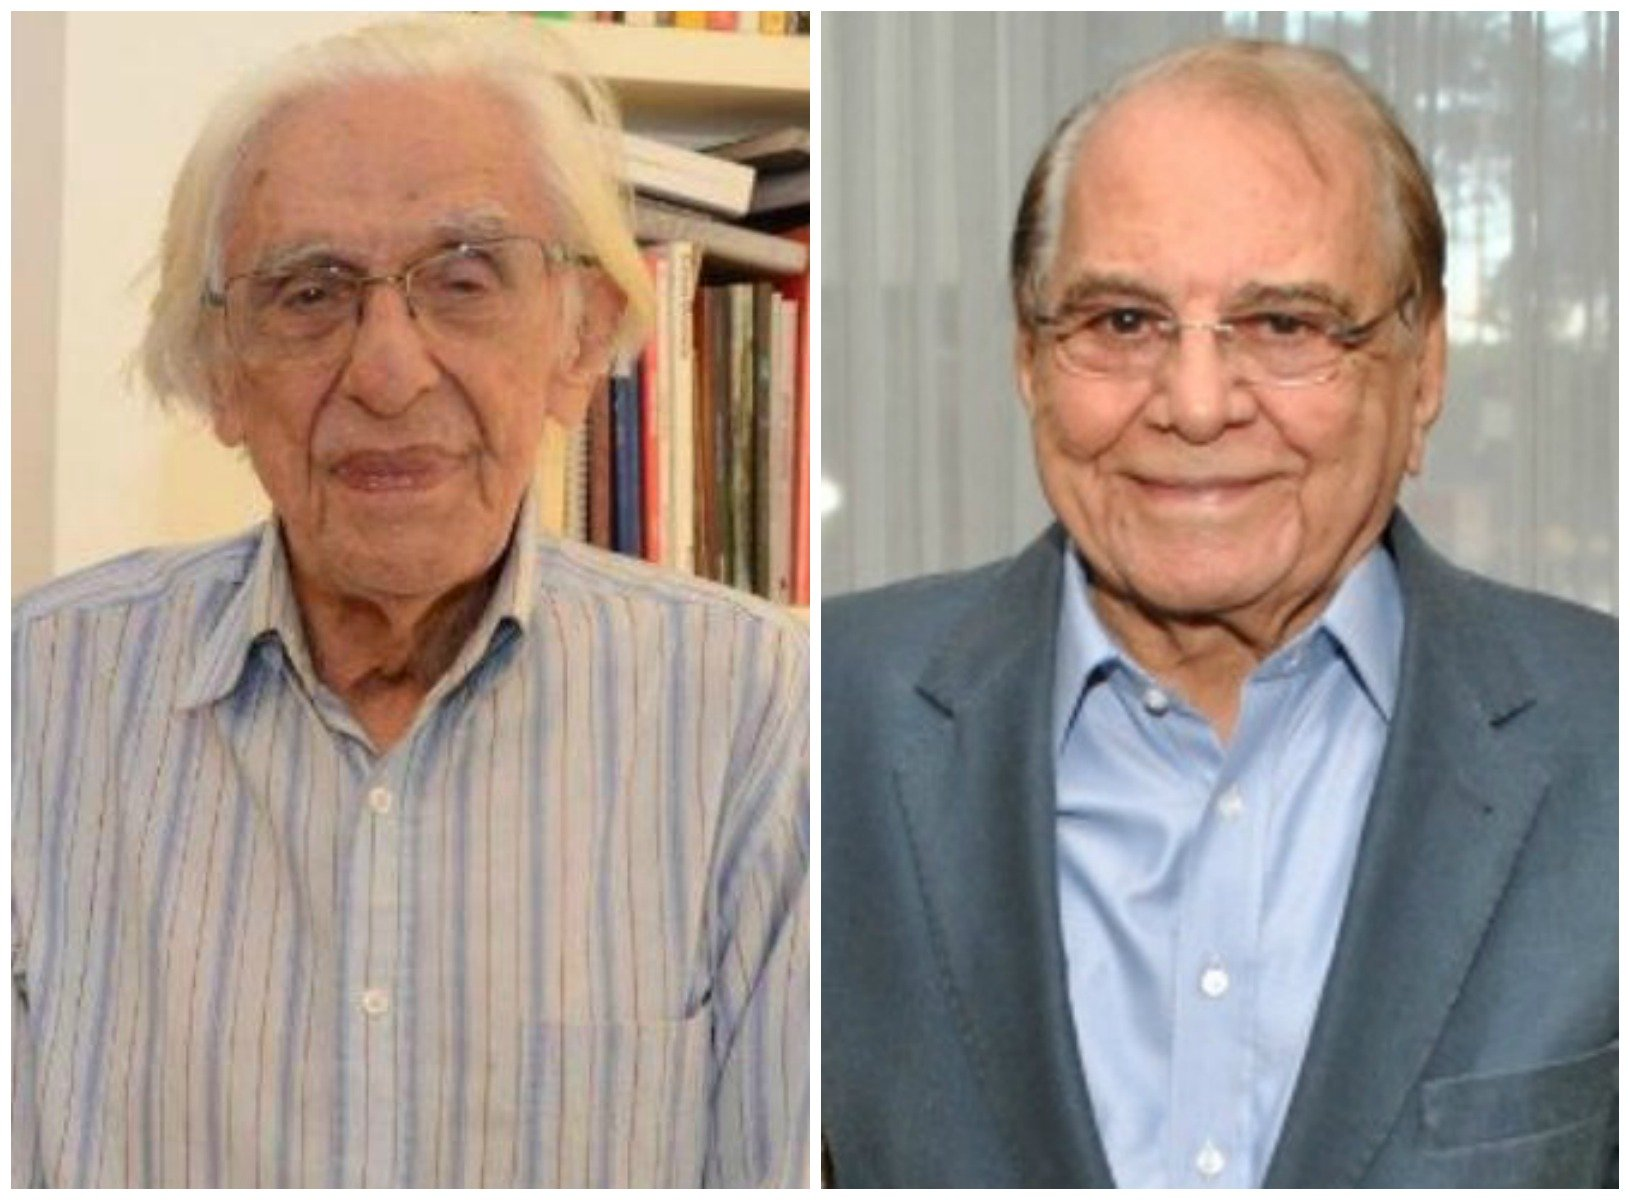 Vagas de Ferreira Gullar e Ivo Pitanguy: ABL vai definir os ocupantes na próxima semana / Fotos: Marco Rodrigues e Armando Araújo